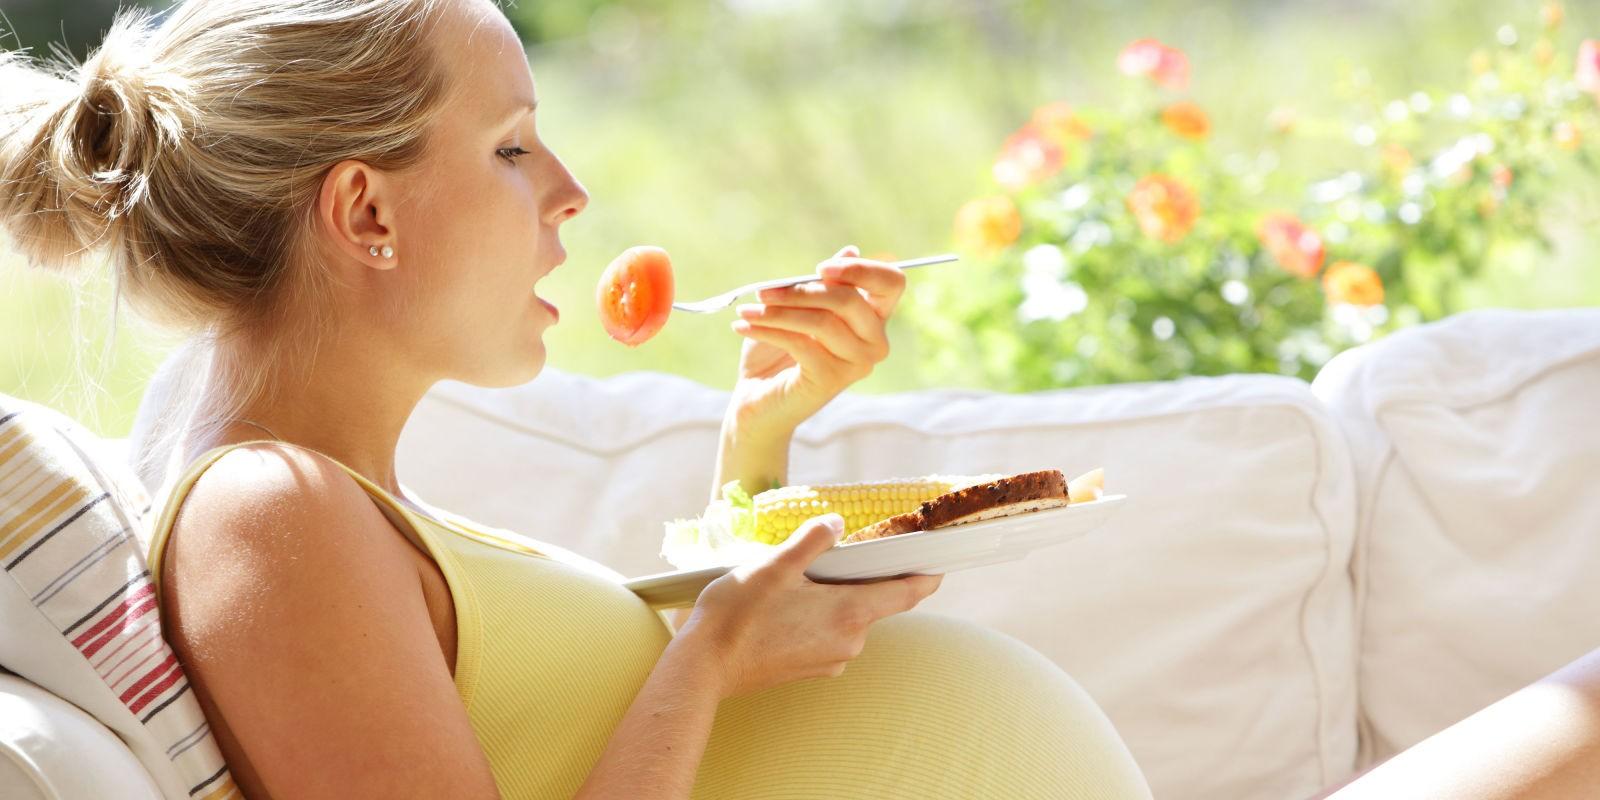 सुत्केरी तथा गर्भवतीलाई पोषण सामग्री